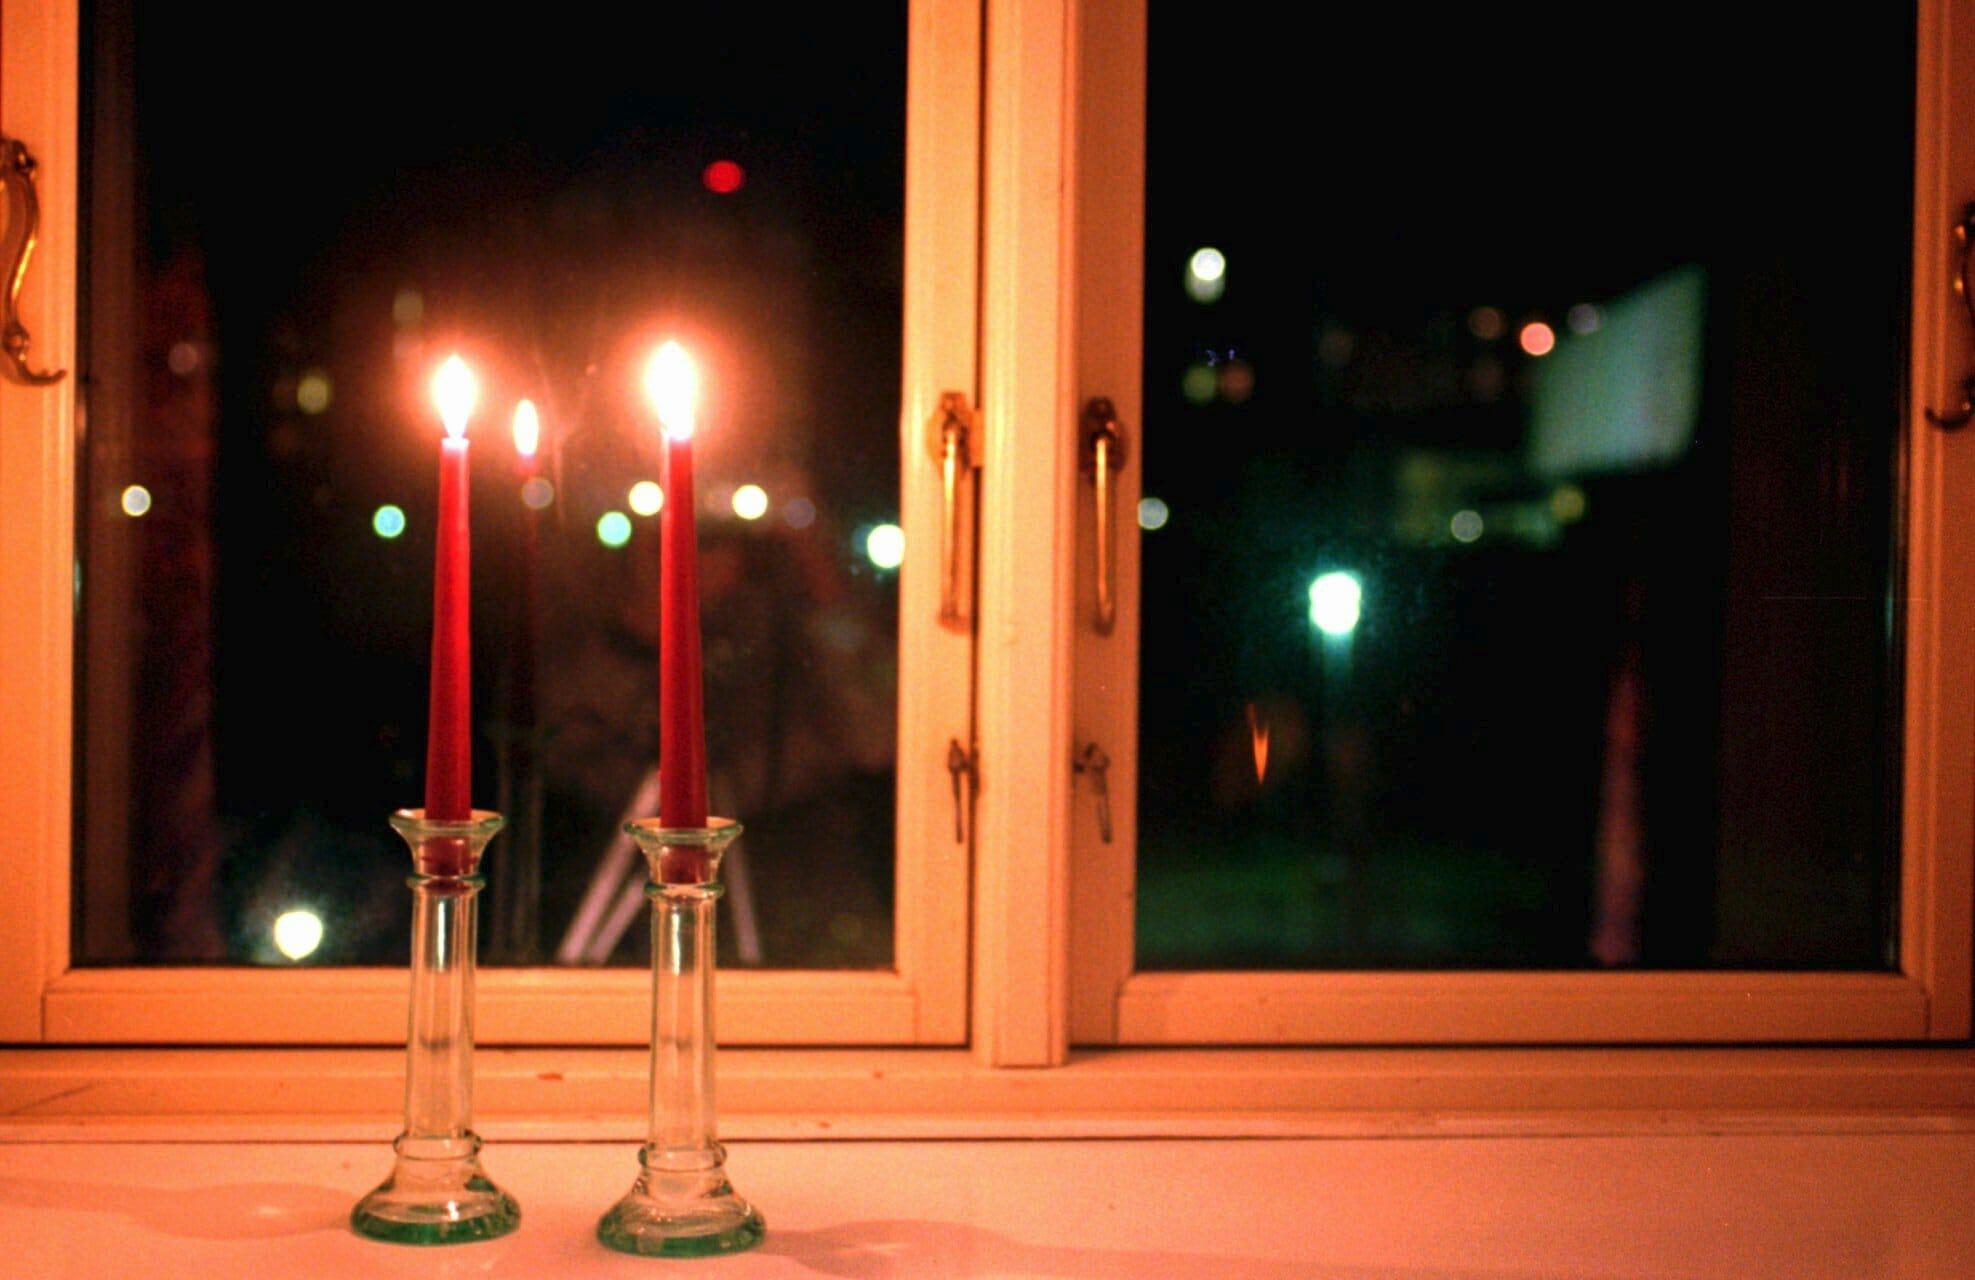 FAKTA: Derfor sætter vi lys i vinduerne 4. maj